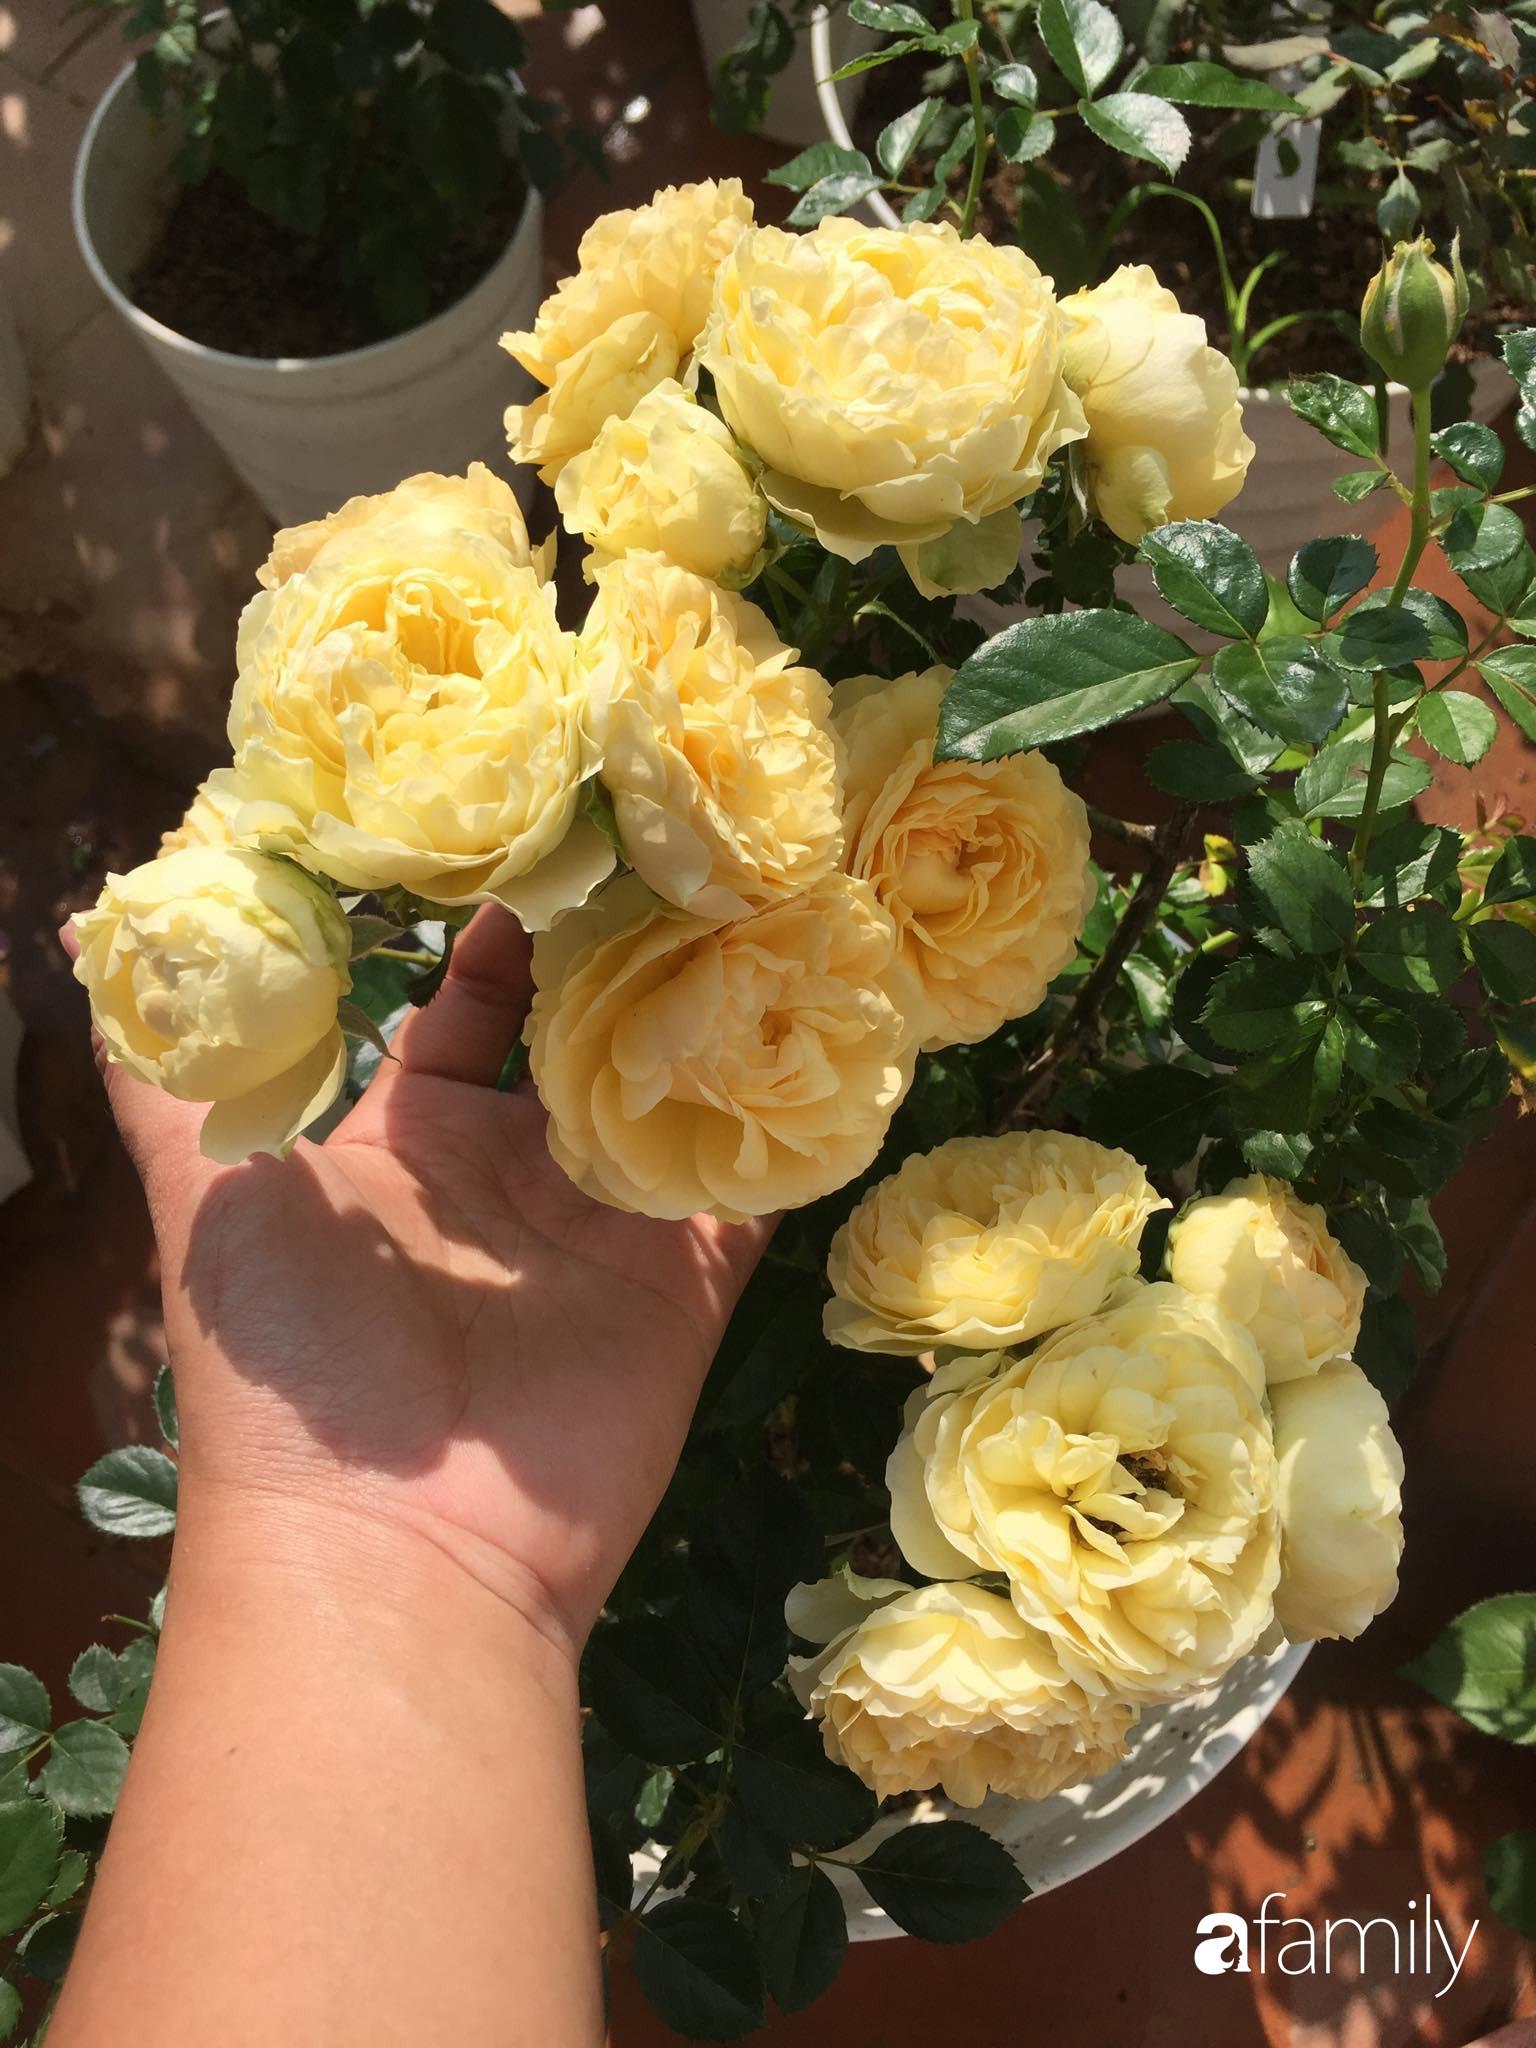 Mê hoa hồng, cô gái trẻ xứ Huế quyết tâm thức khuya dậy sớm tạo cả vườn hồng rực rỡ trên sân thượng - Ảnh 7.